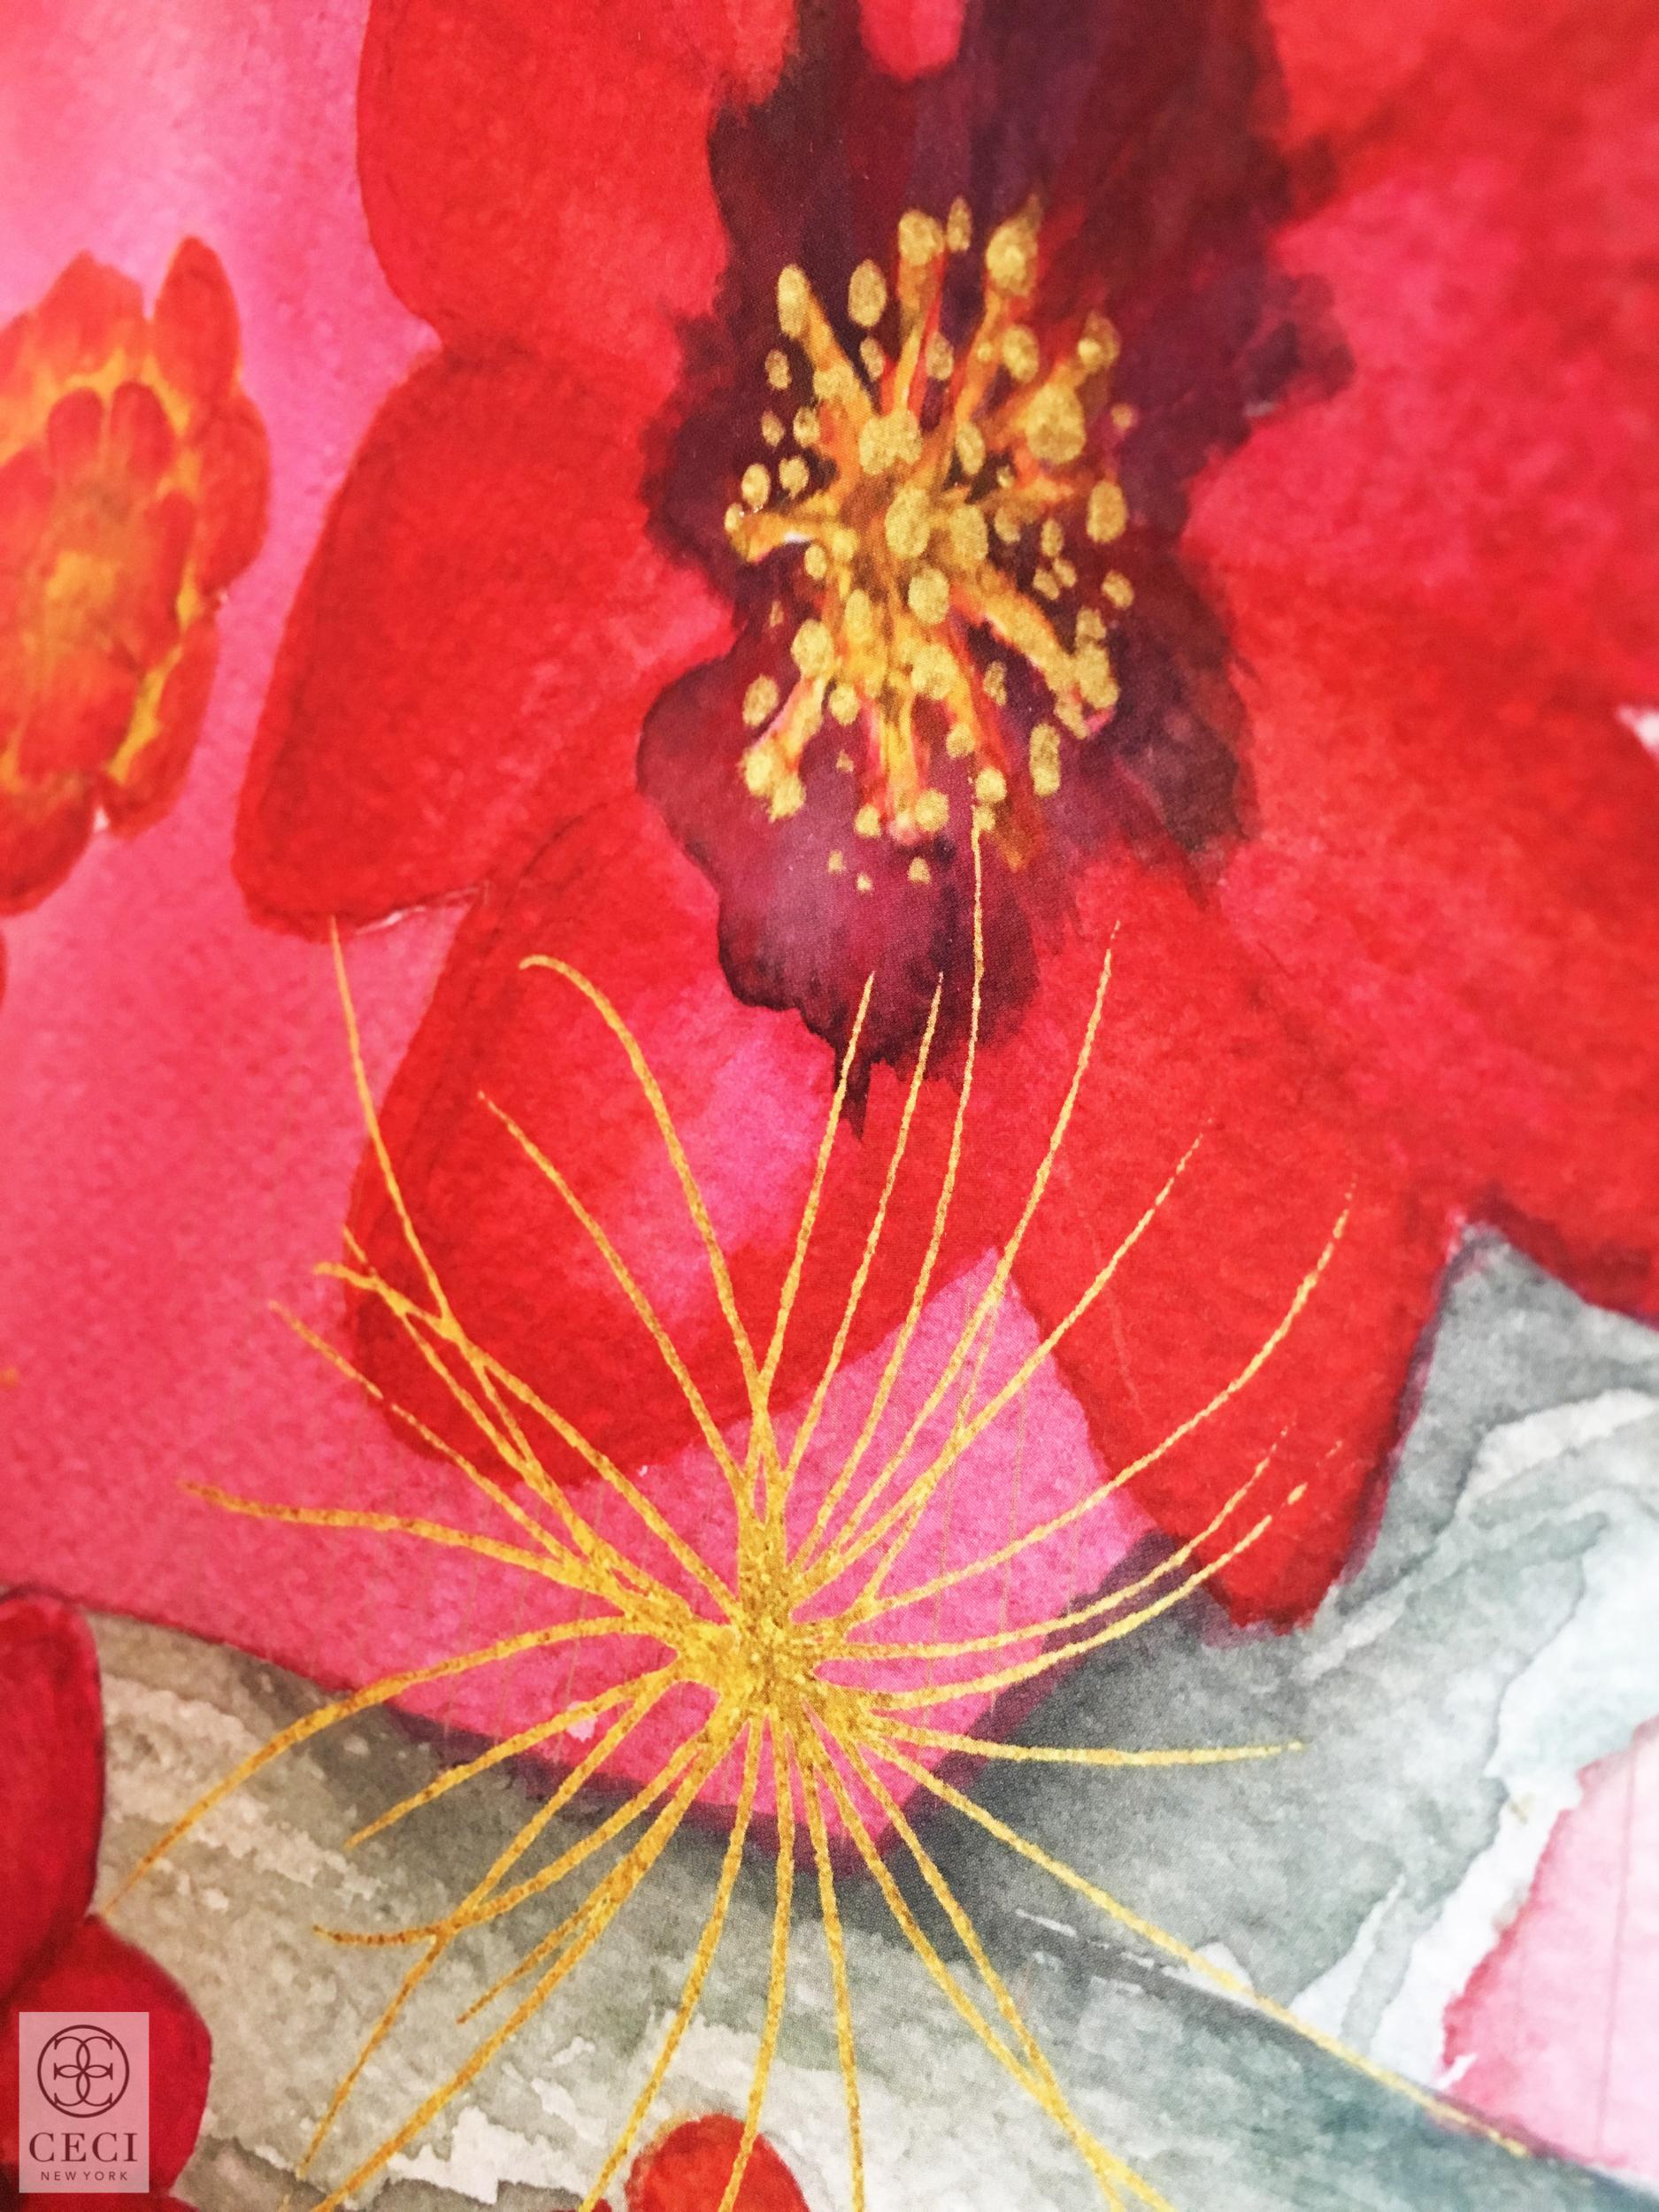 Ceci_New_York_Ceci_Style_Ceci_Johnson_Luxury_Lifestyle_Arizona_Wedding_Watercolor_Inspiration_Design_Custom_Couture_Personalized_Invitations_-17.jpg